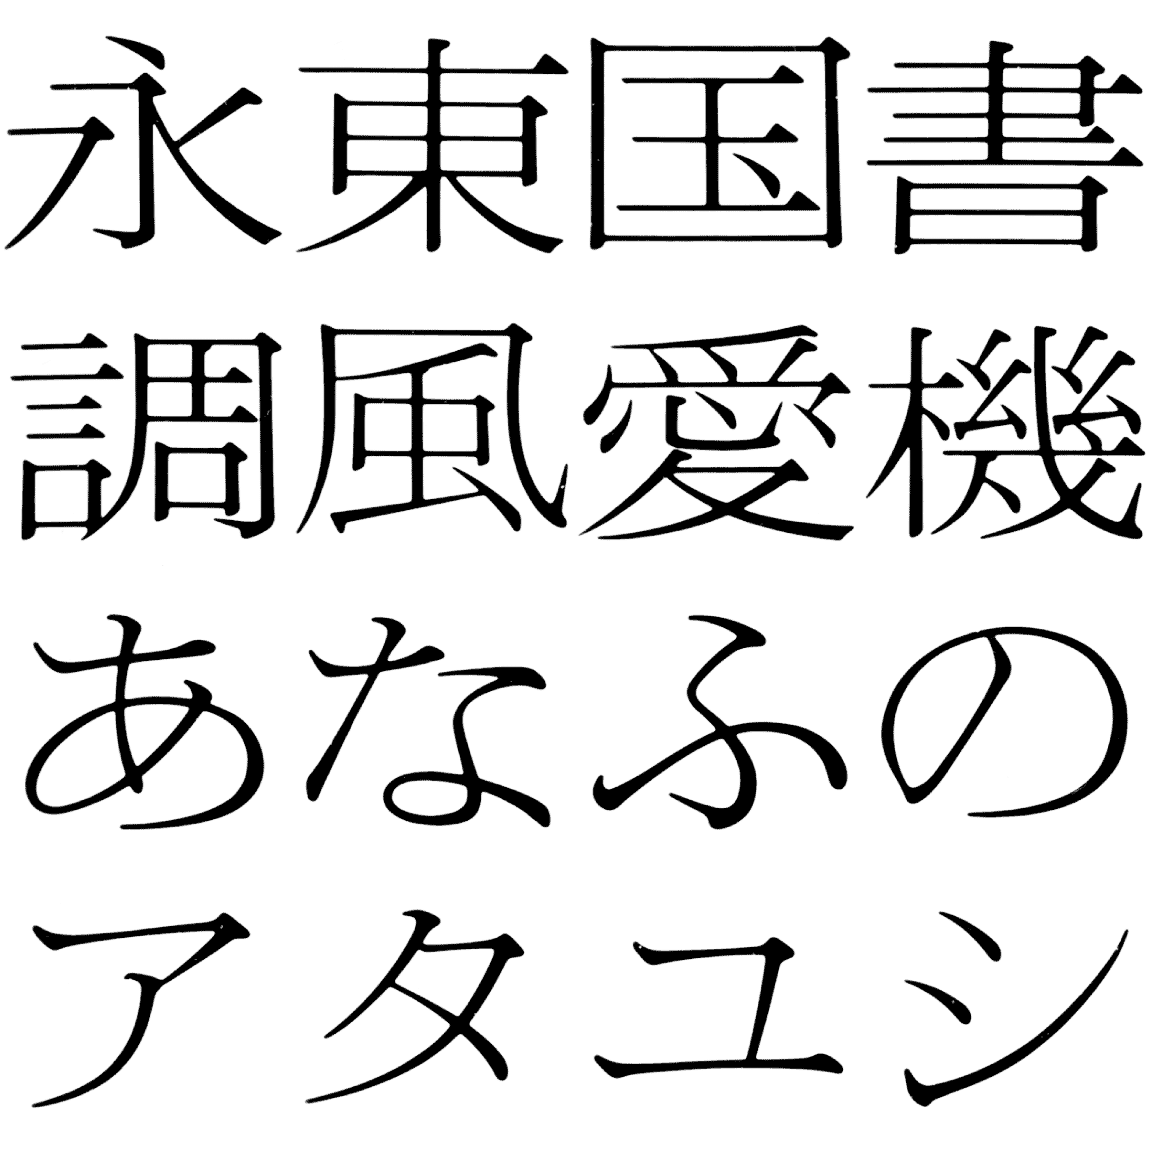 岩田新聞明朝 ISNM 字形見本